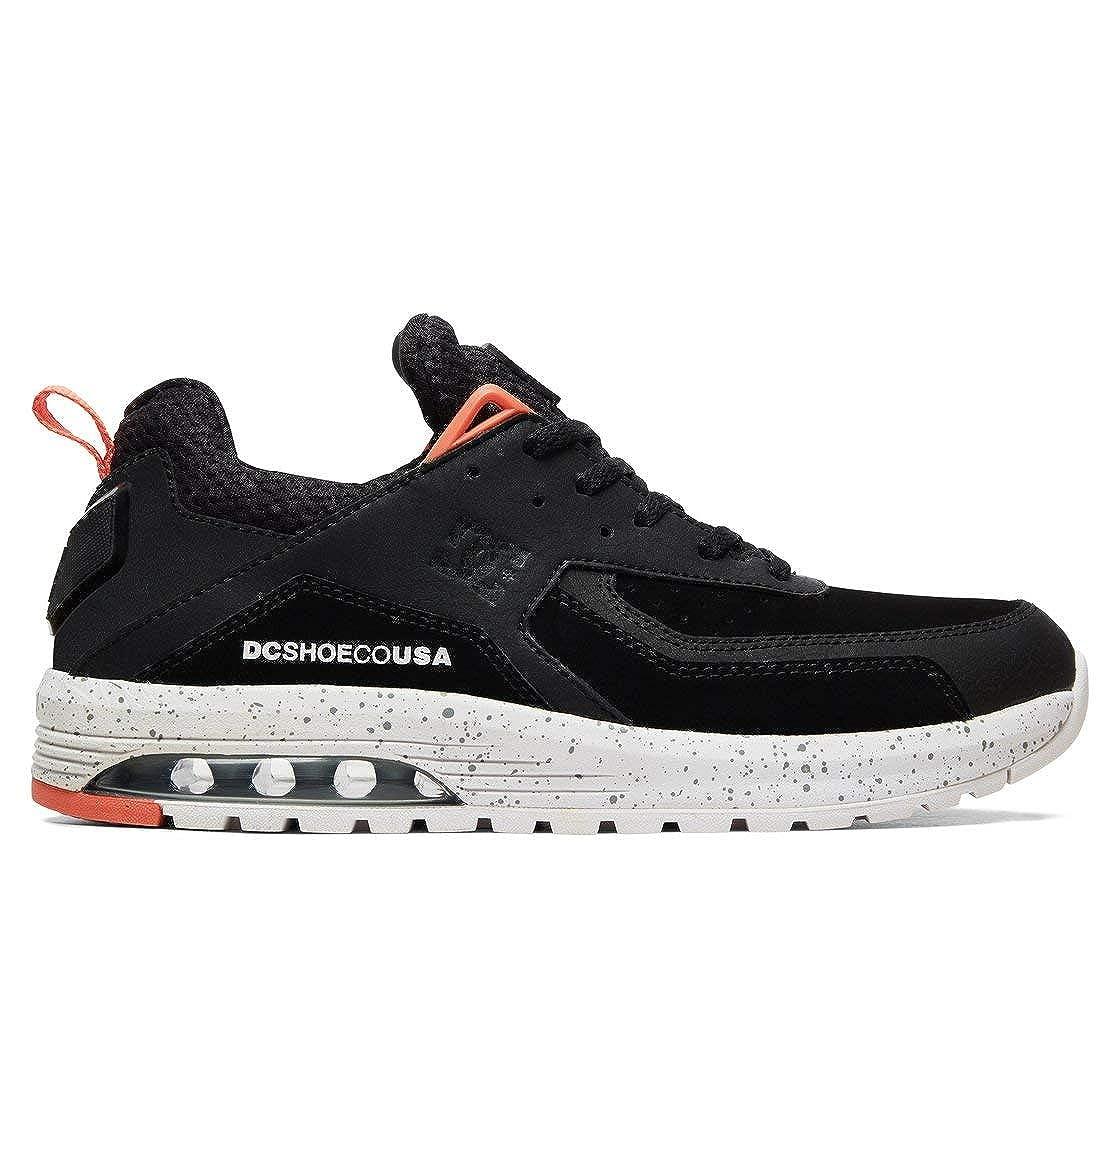 Noir - noir blanc argent DC chaussures Vandium Se - Baskets pour Homme ADYS200067 44 EU